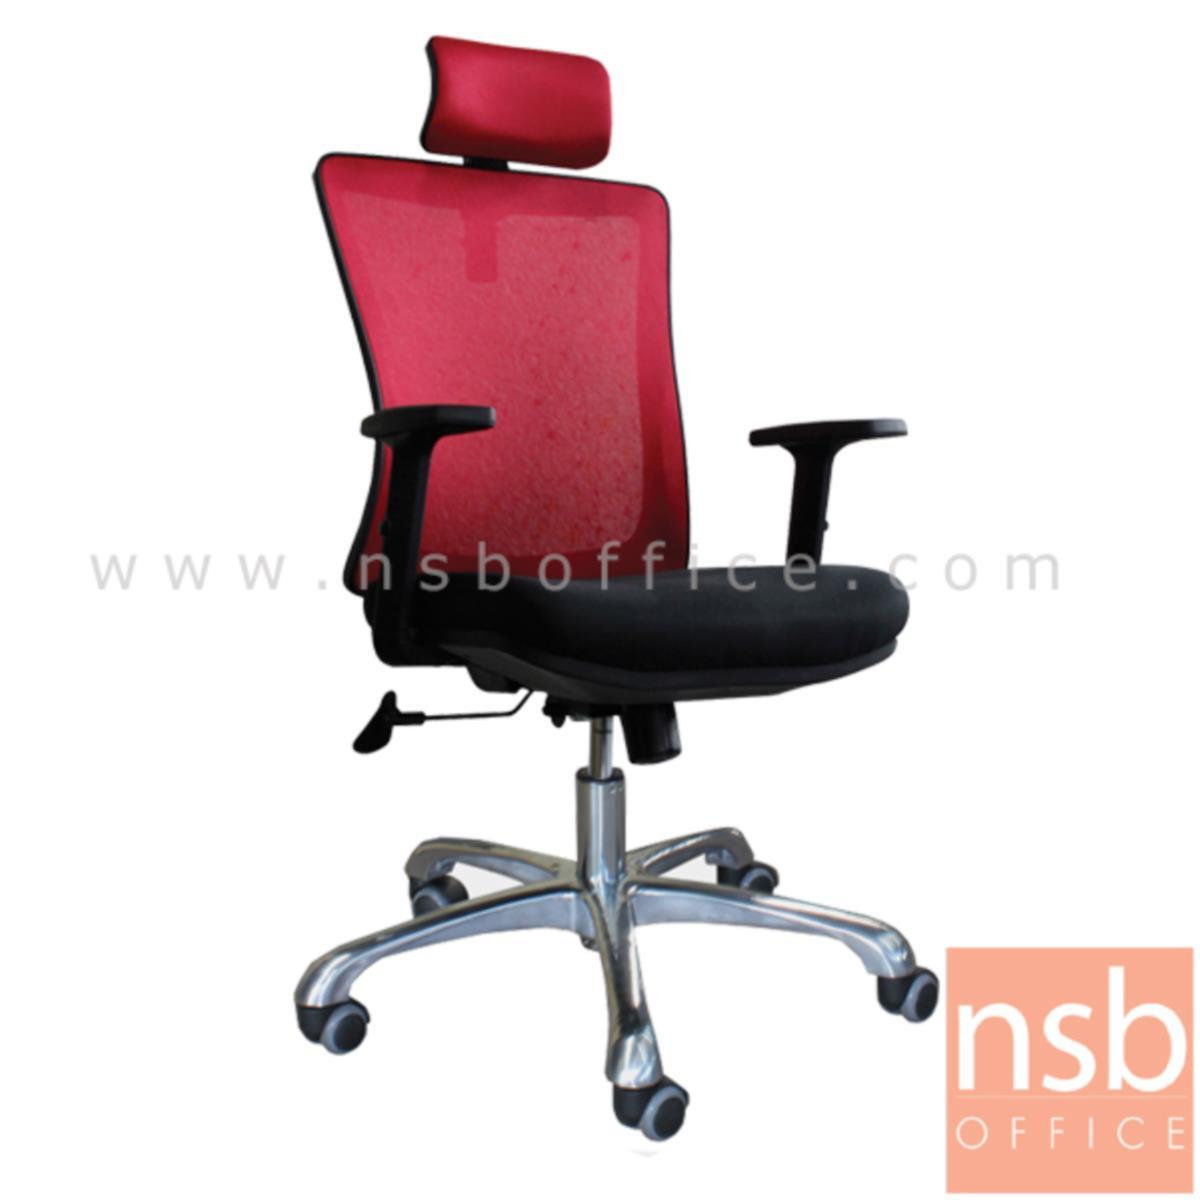 B01A412:เก้าอี้ผู้บริหารหลังเน็ต รุ่น Kloss (คลอสส์)  โช๊คแก๊ส มีก้อนโยก ขาอลูมิเนียม